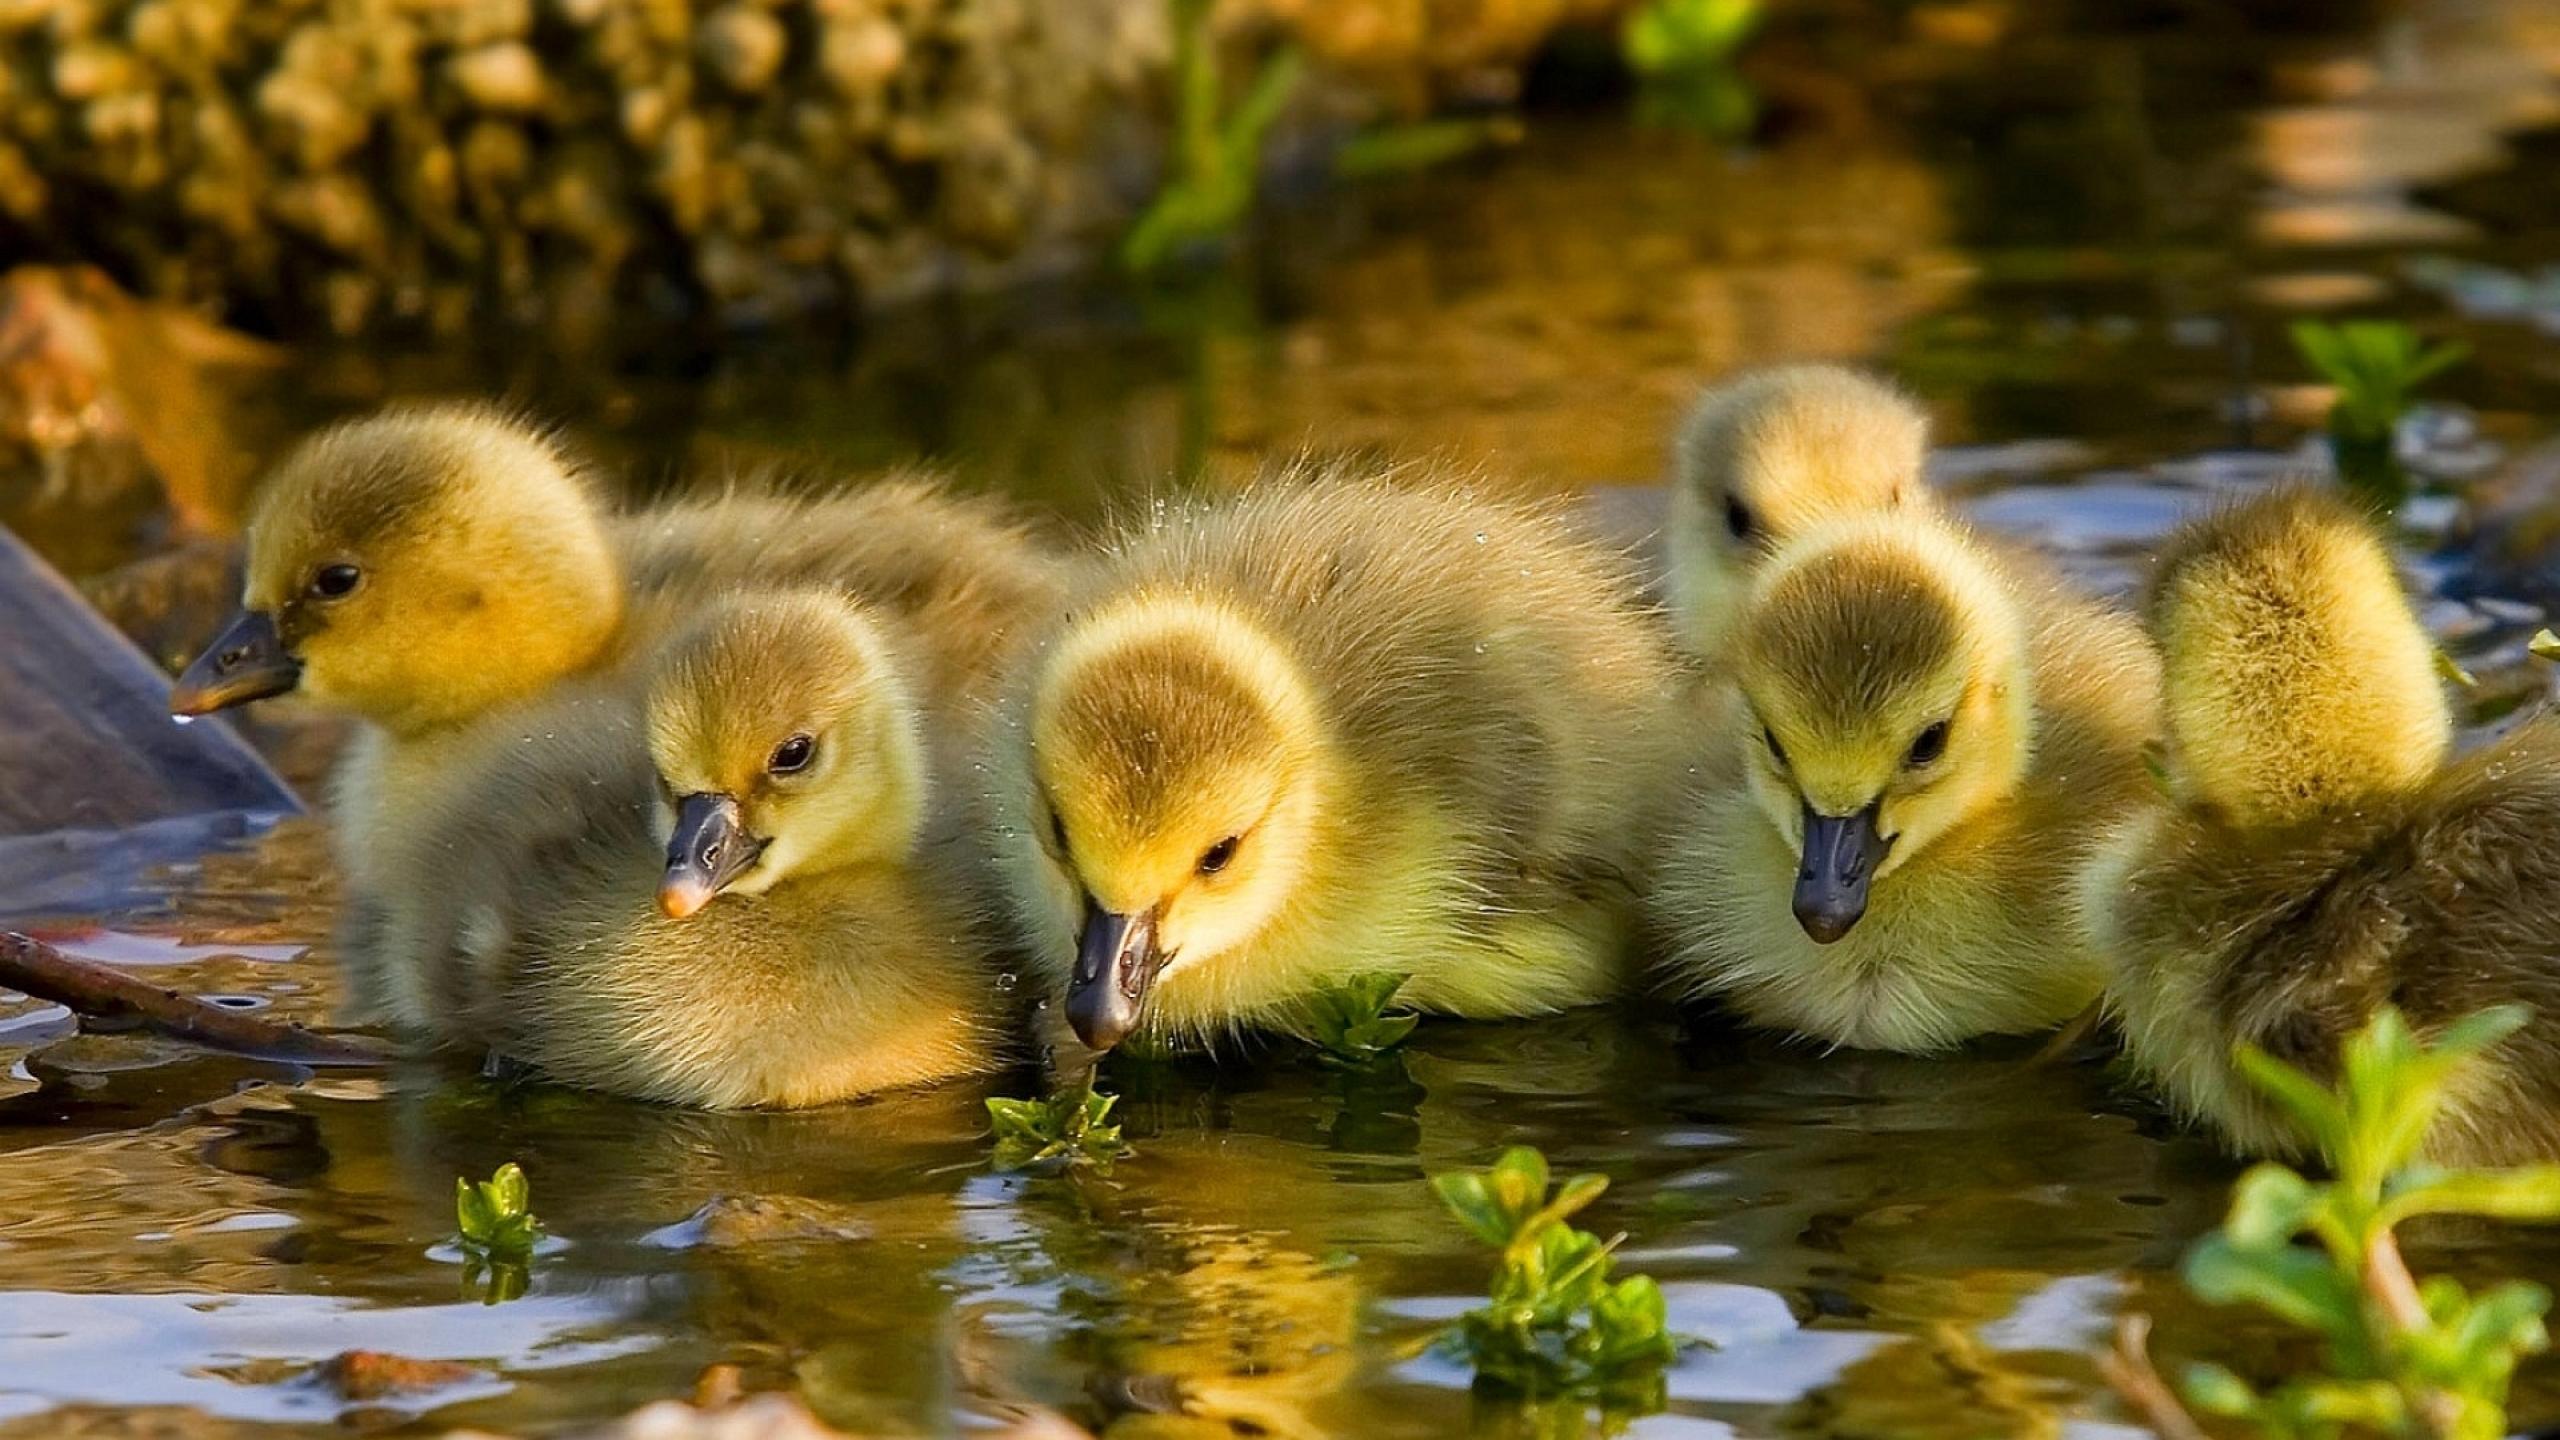 Ducklings HD Wallpaper